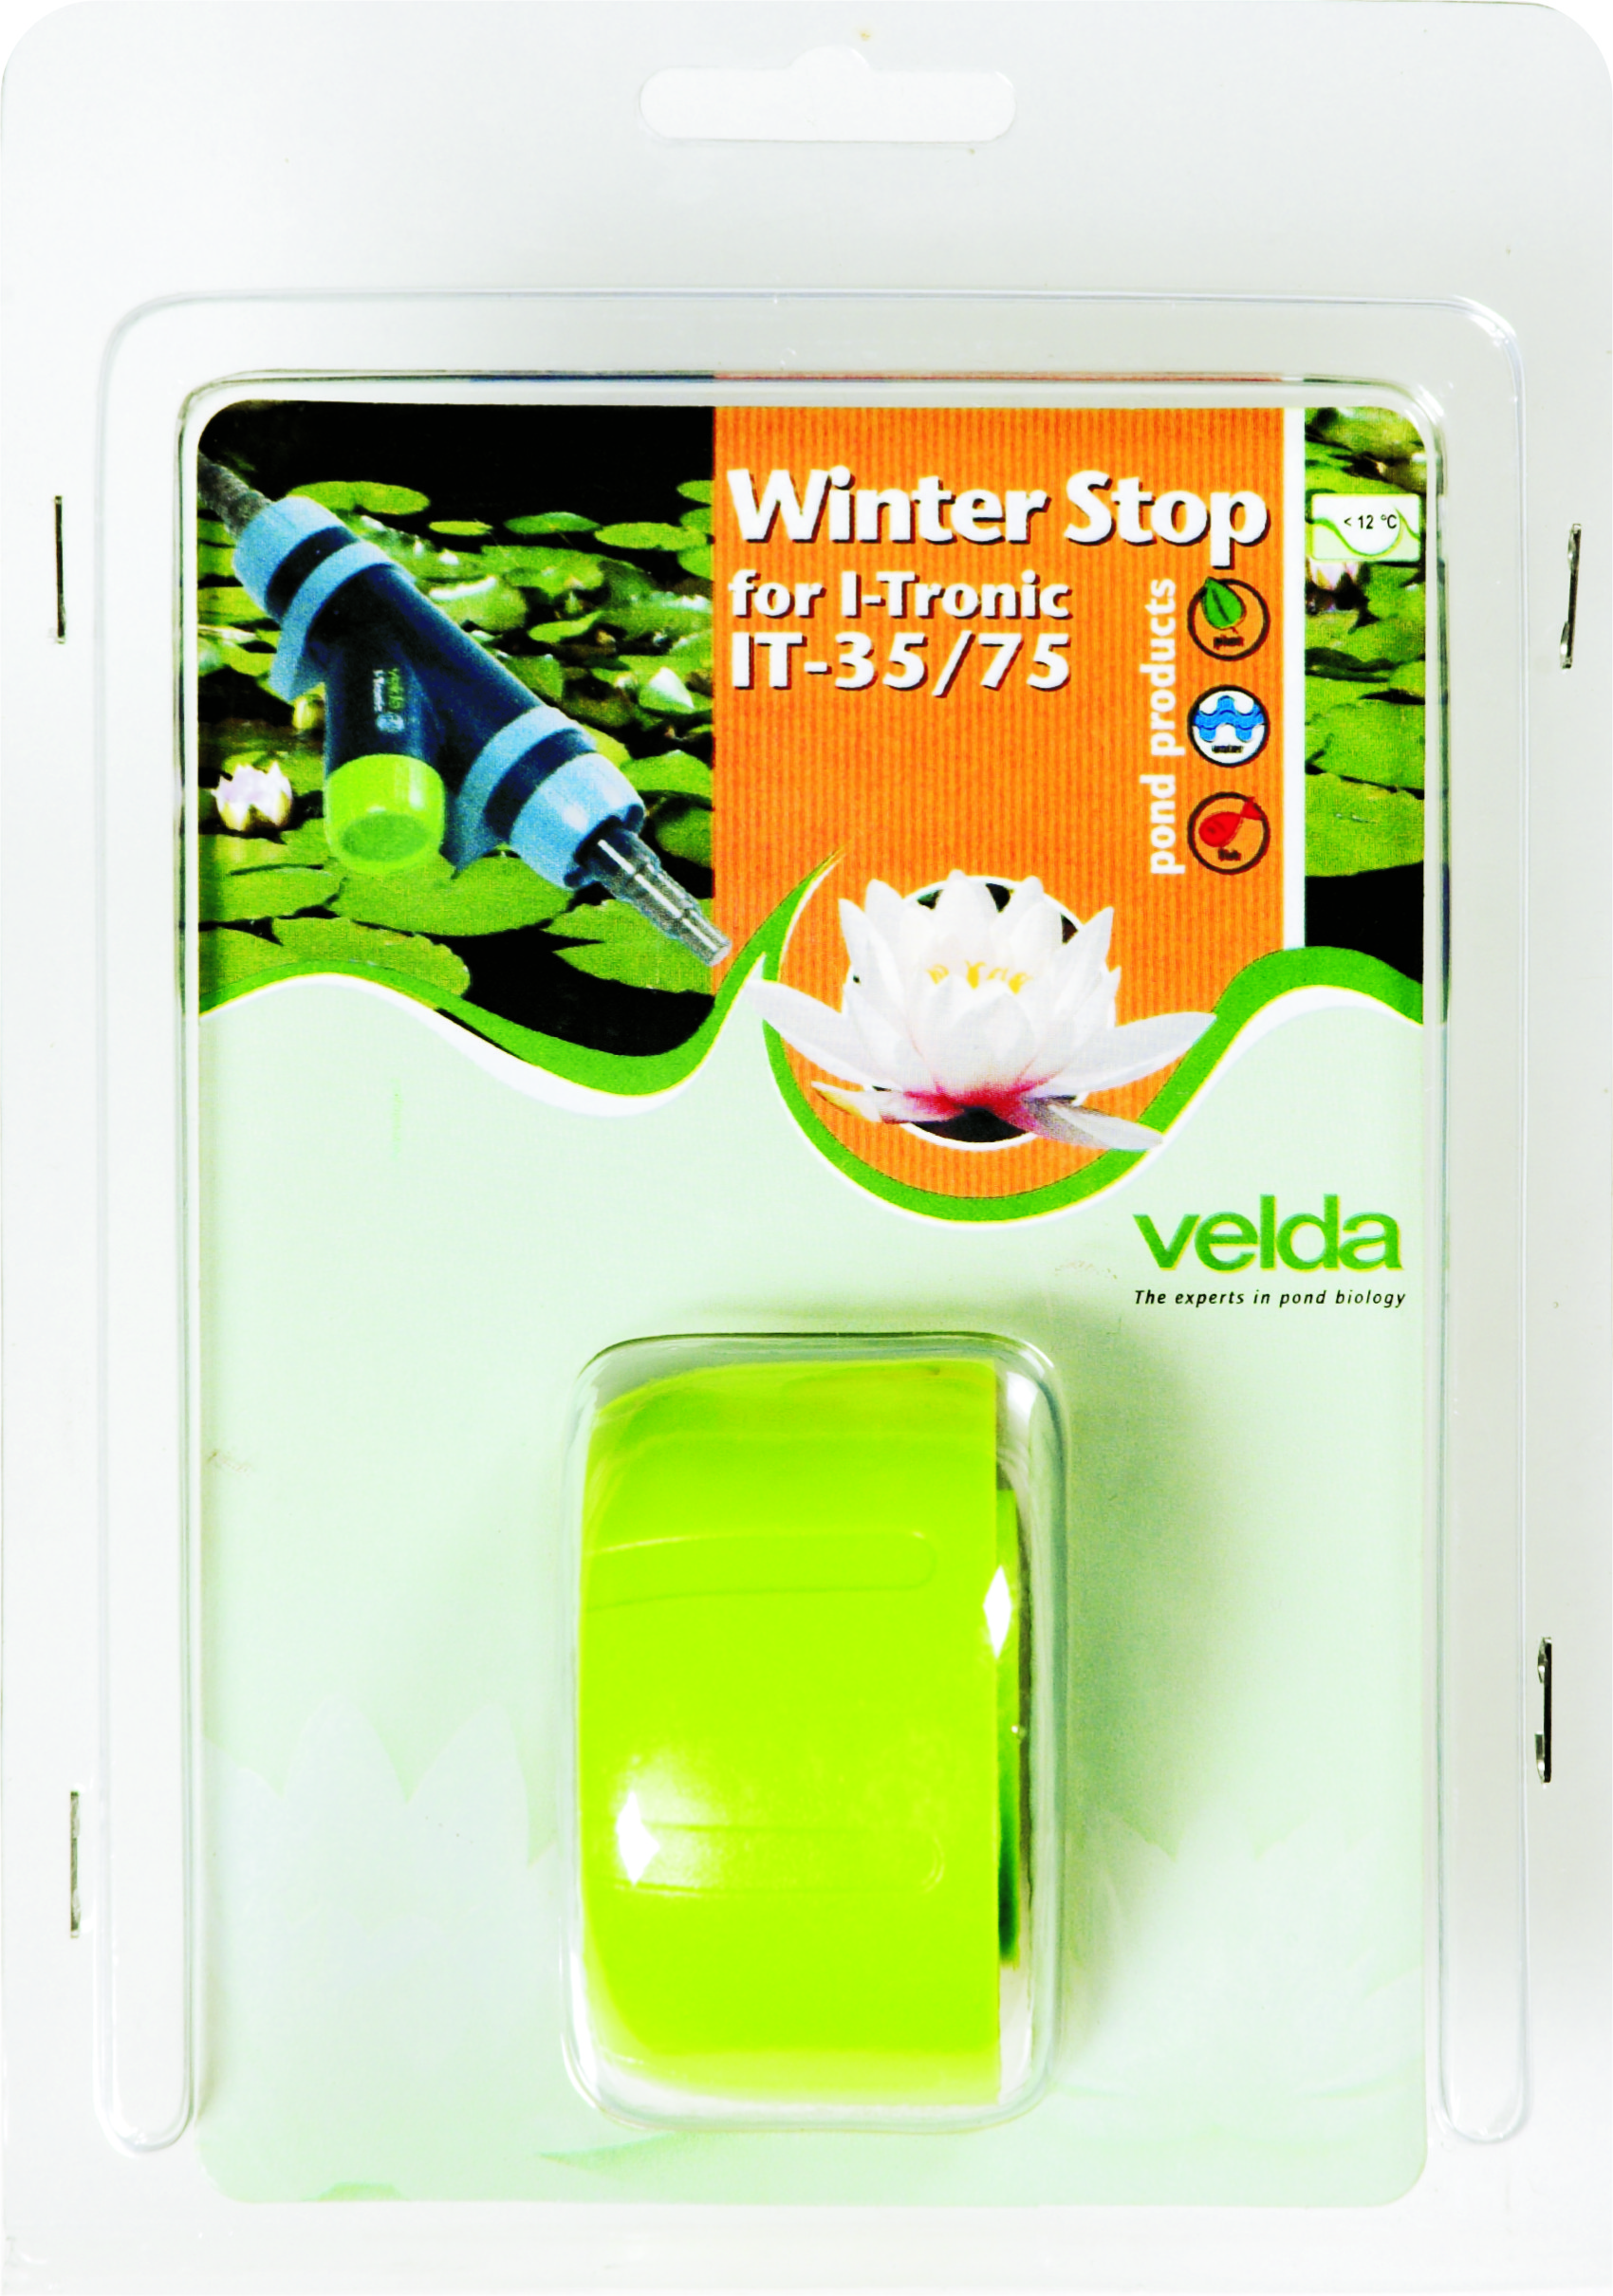 VELDA WINTERSTOP VOOR I-TRONIC IT-35 - IT-75